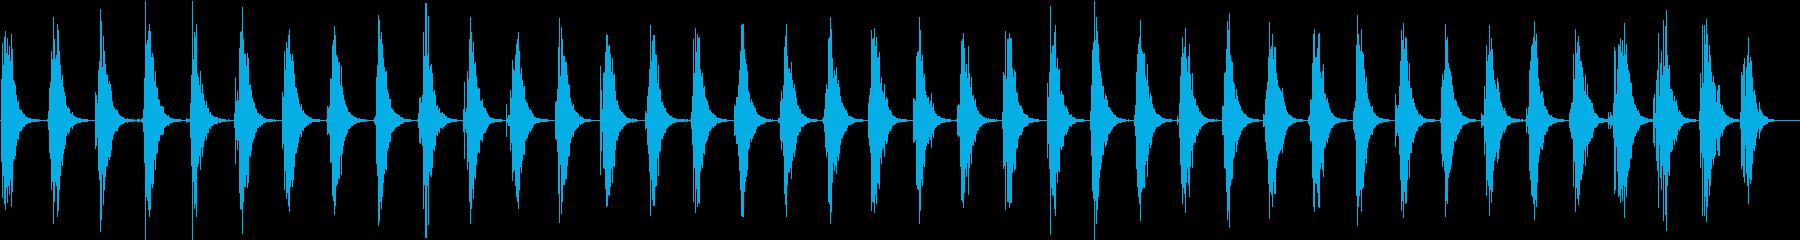 中級スタジオオーディエンス:ユニオ...の再生済みの波形